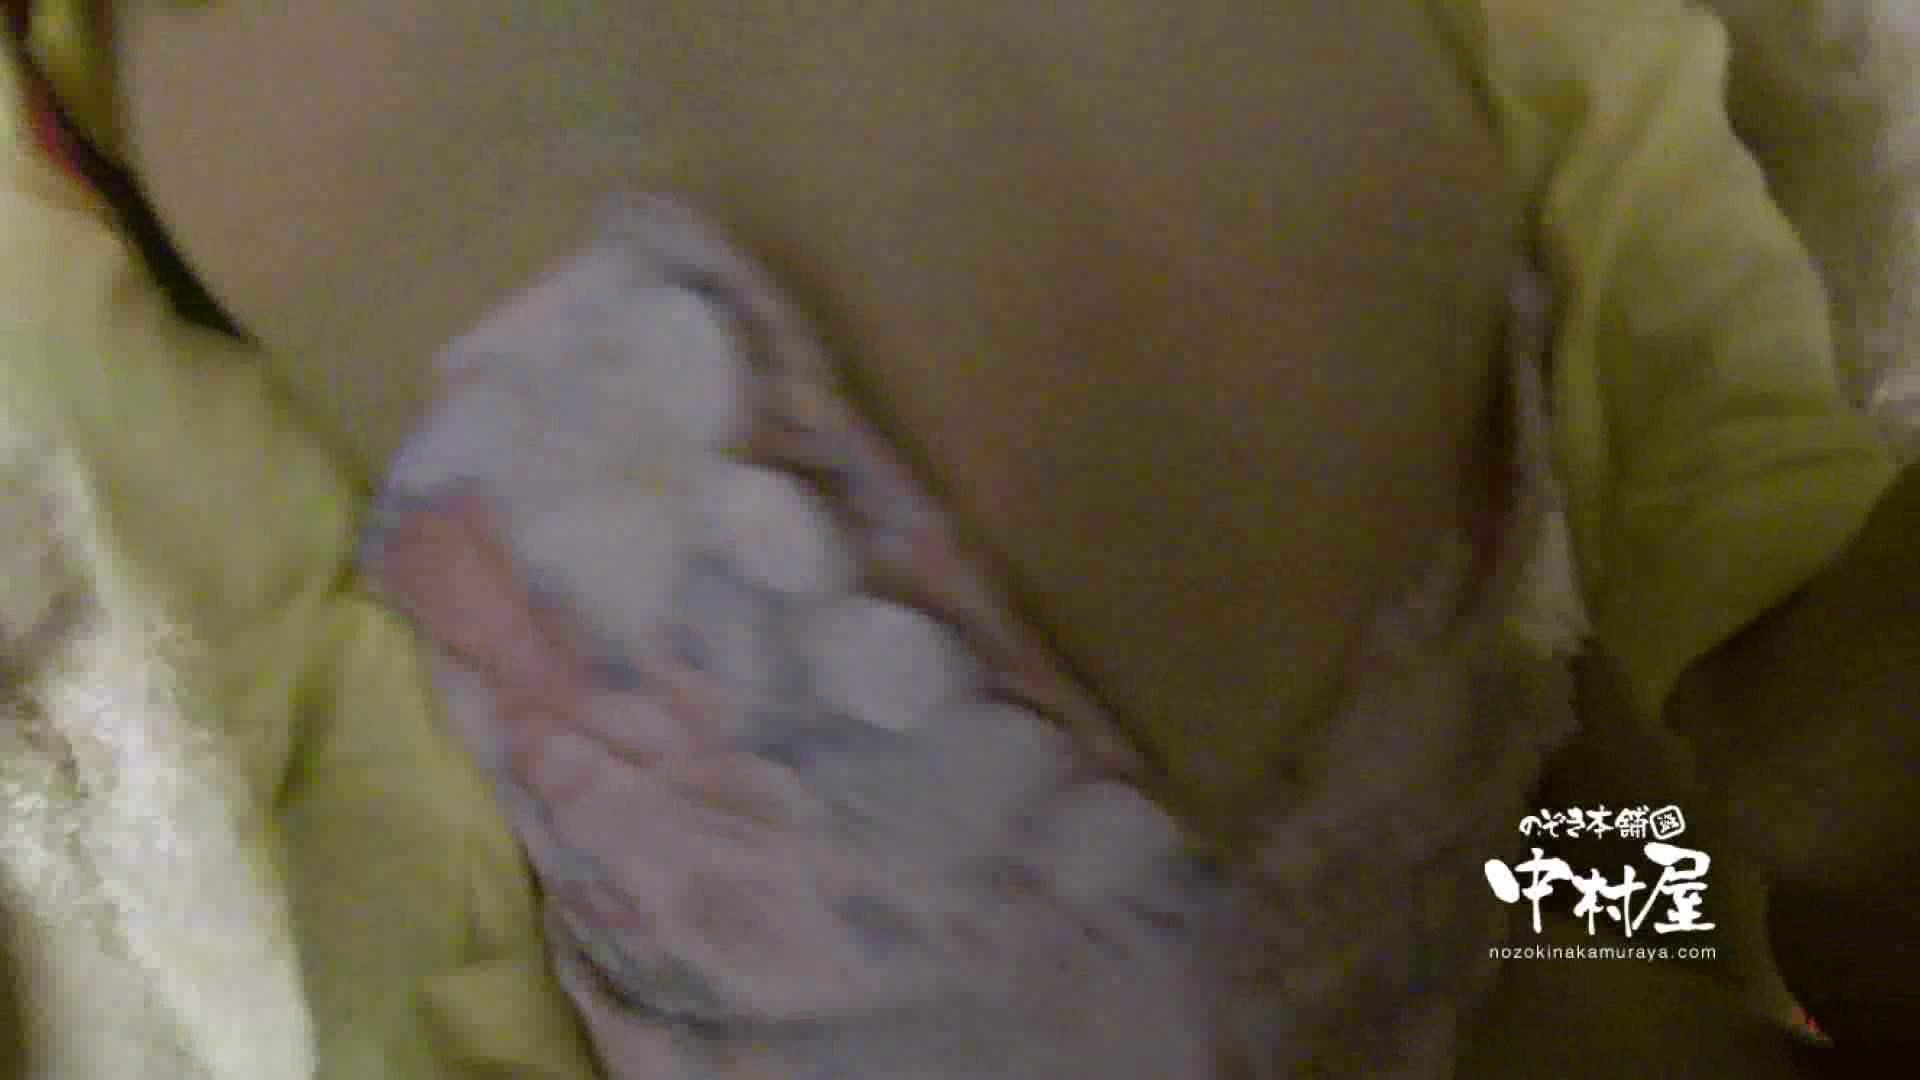 鬼畜 vol.17 中に出さないでください(アニメ声で懇願) 前編 美しいOLの裸体  104pic 14